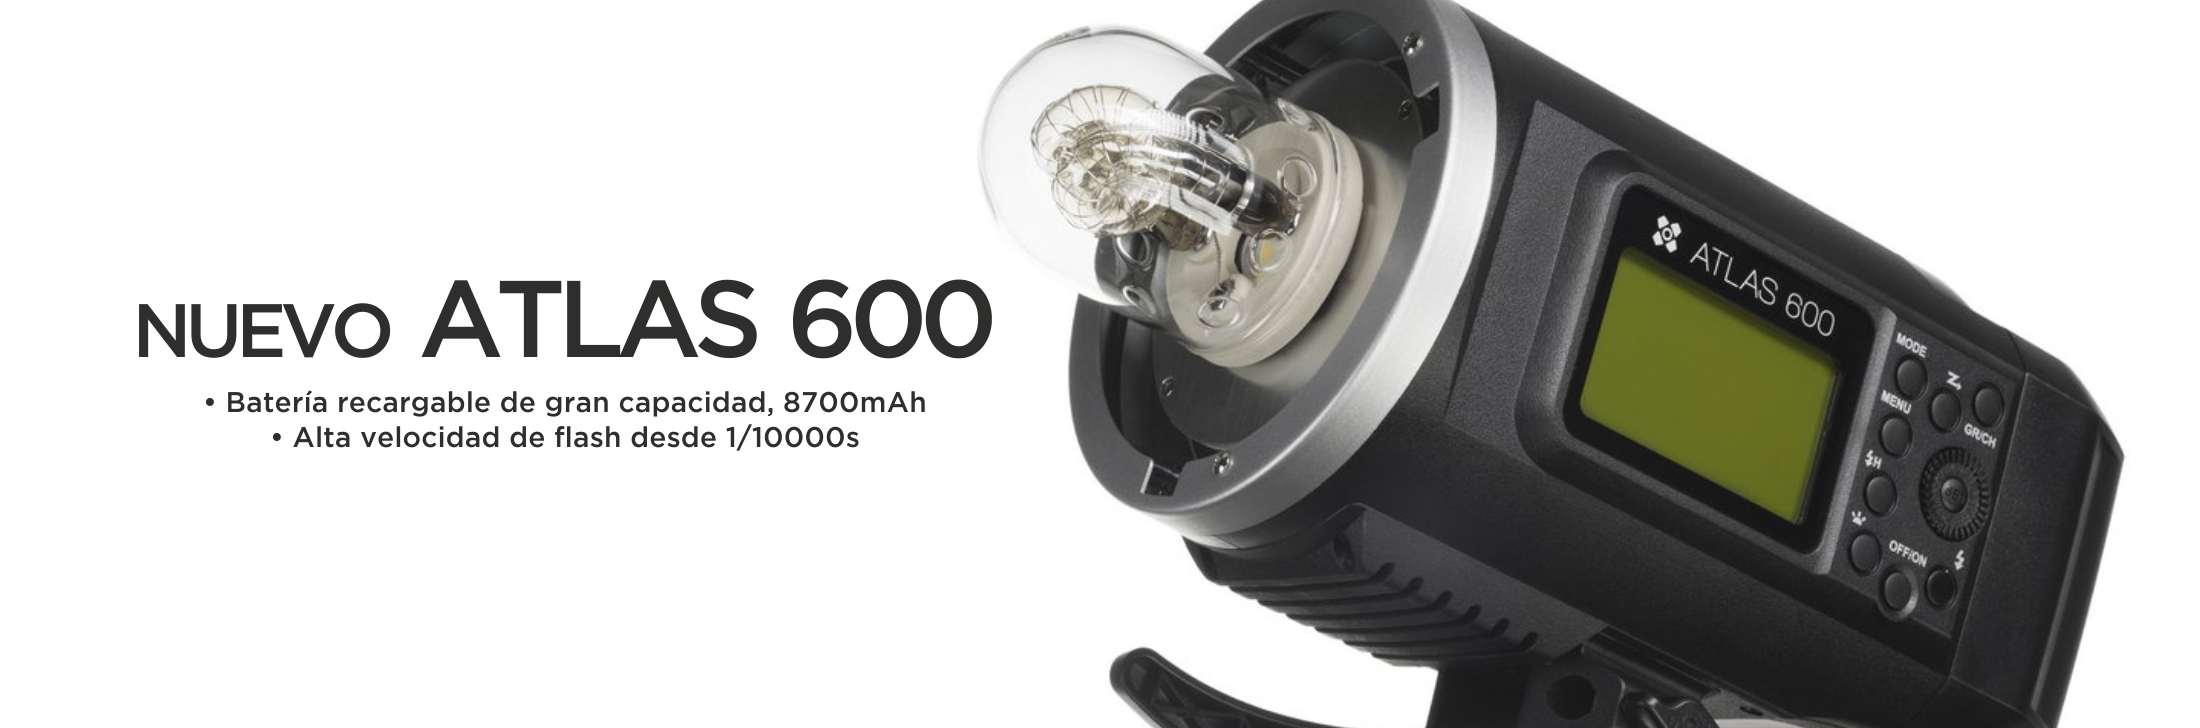 altals-600